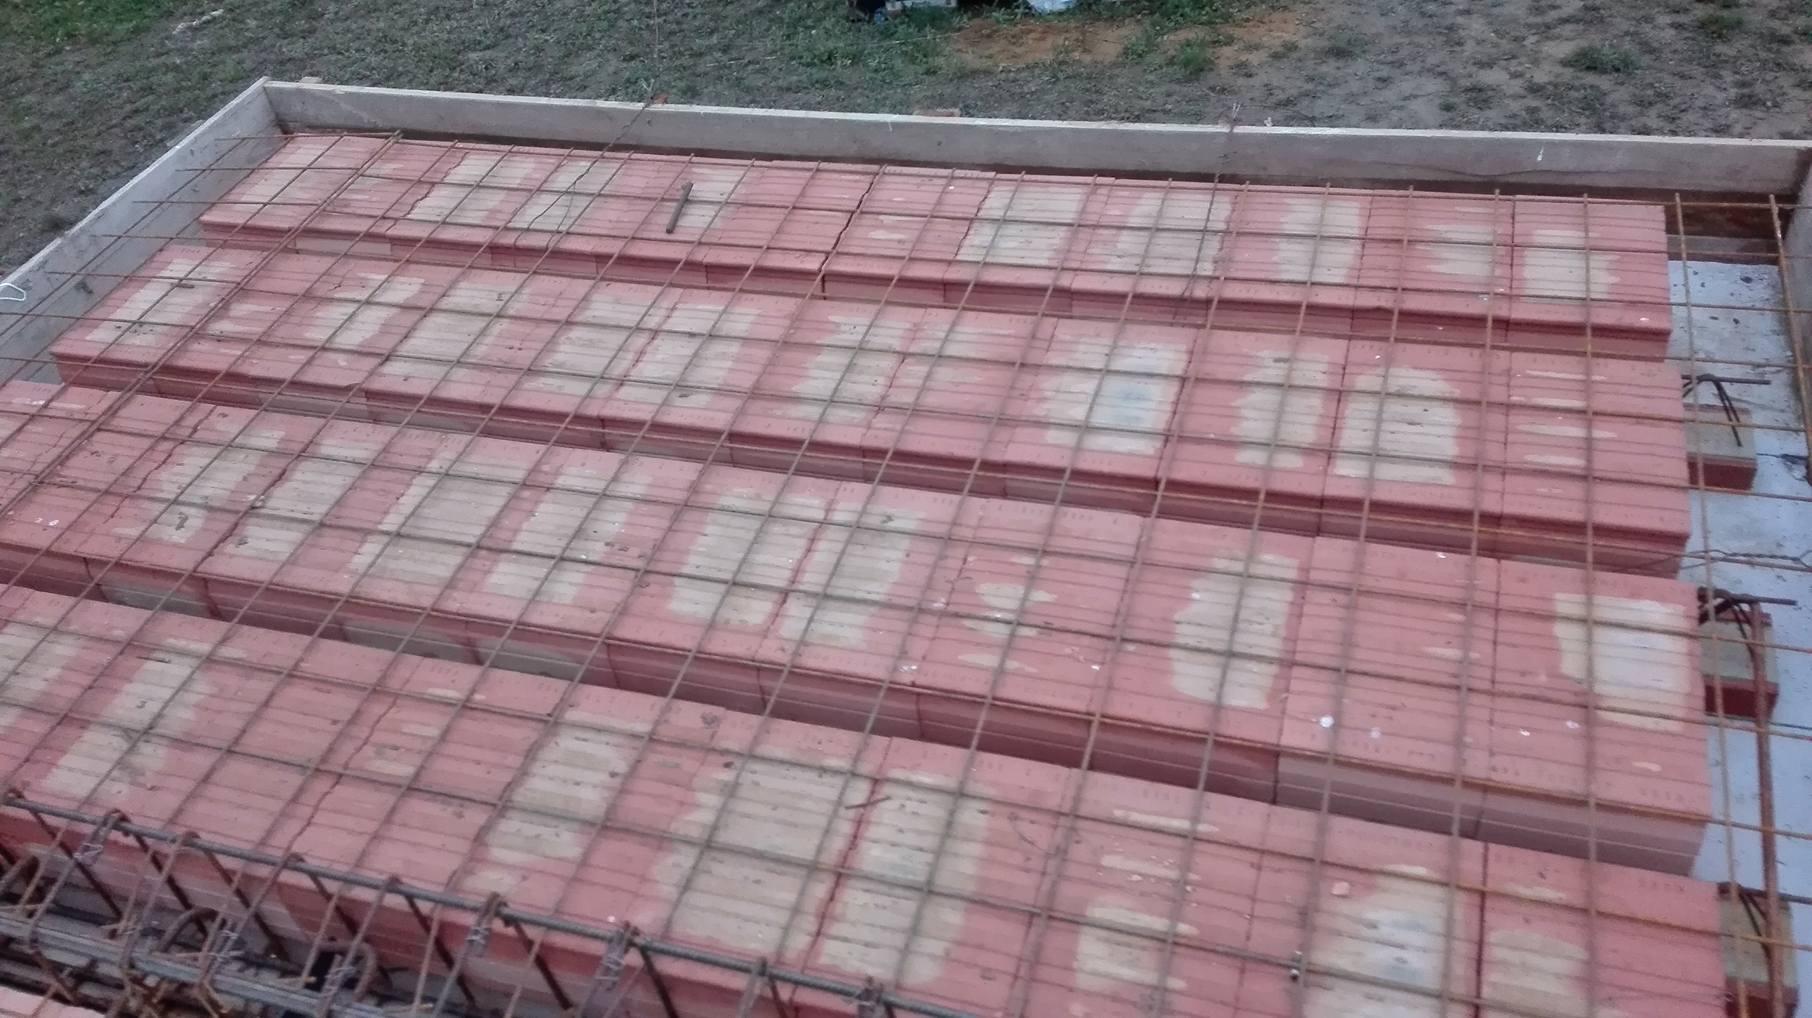 Stavba domu na kraji Prahy - Pořádně vyztužená základová deska prvního patra je základ.